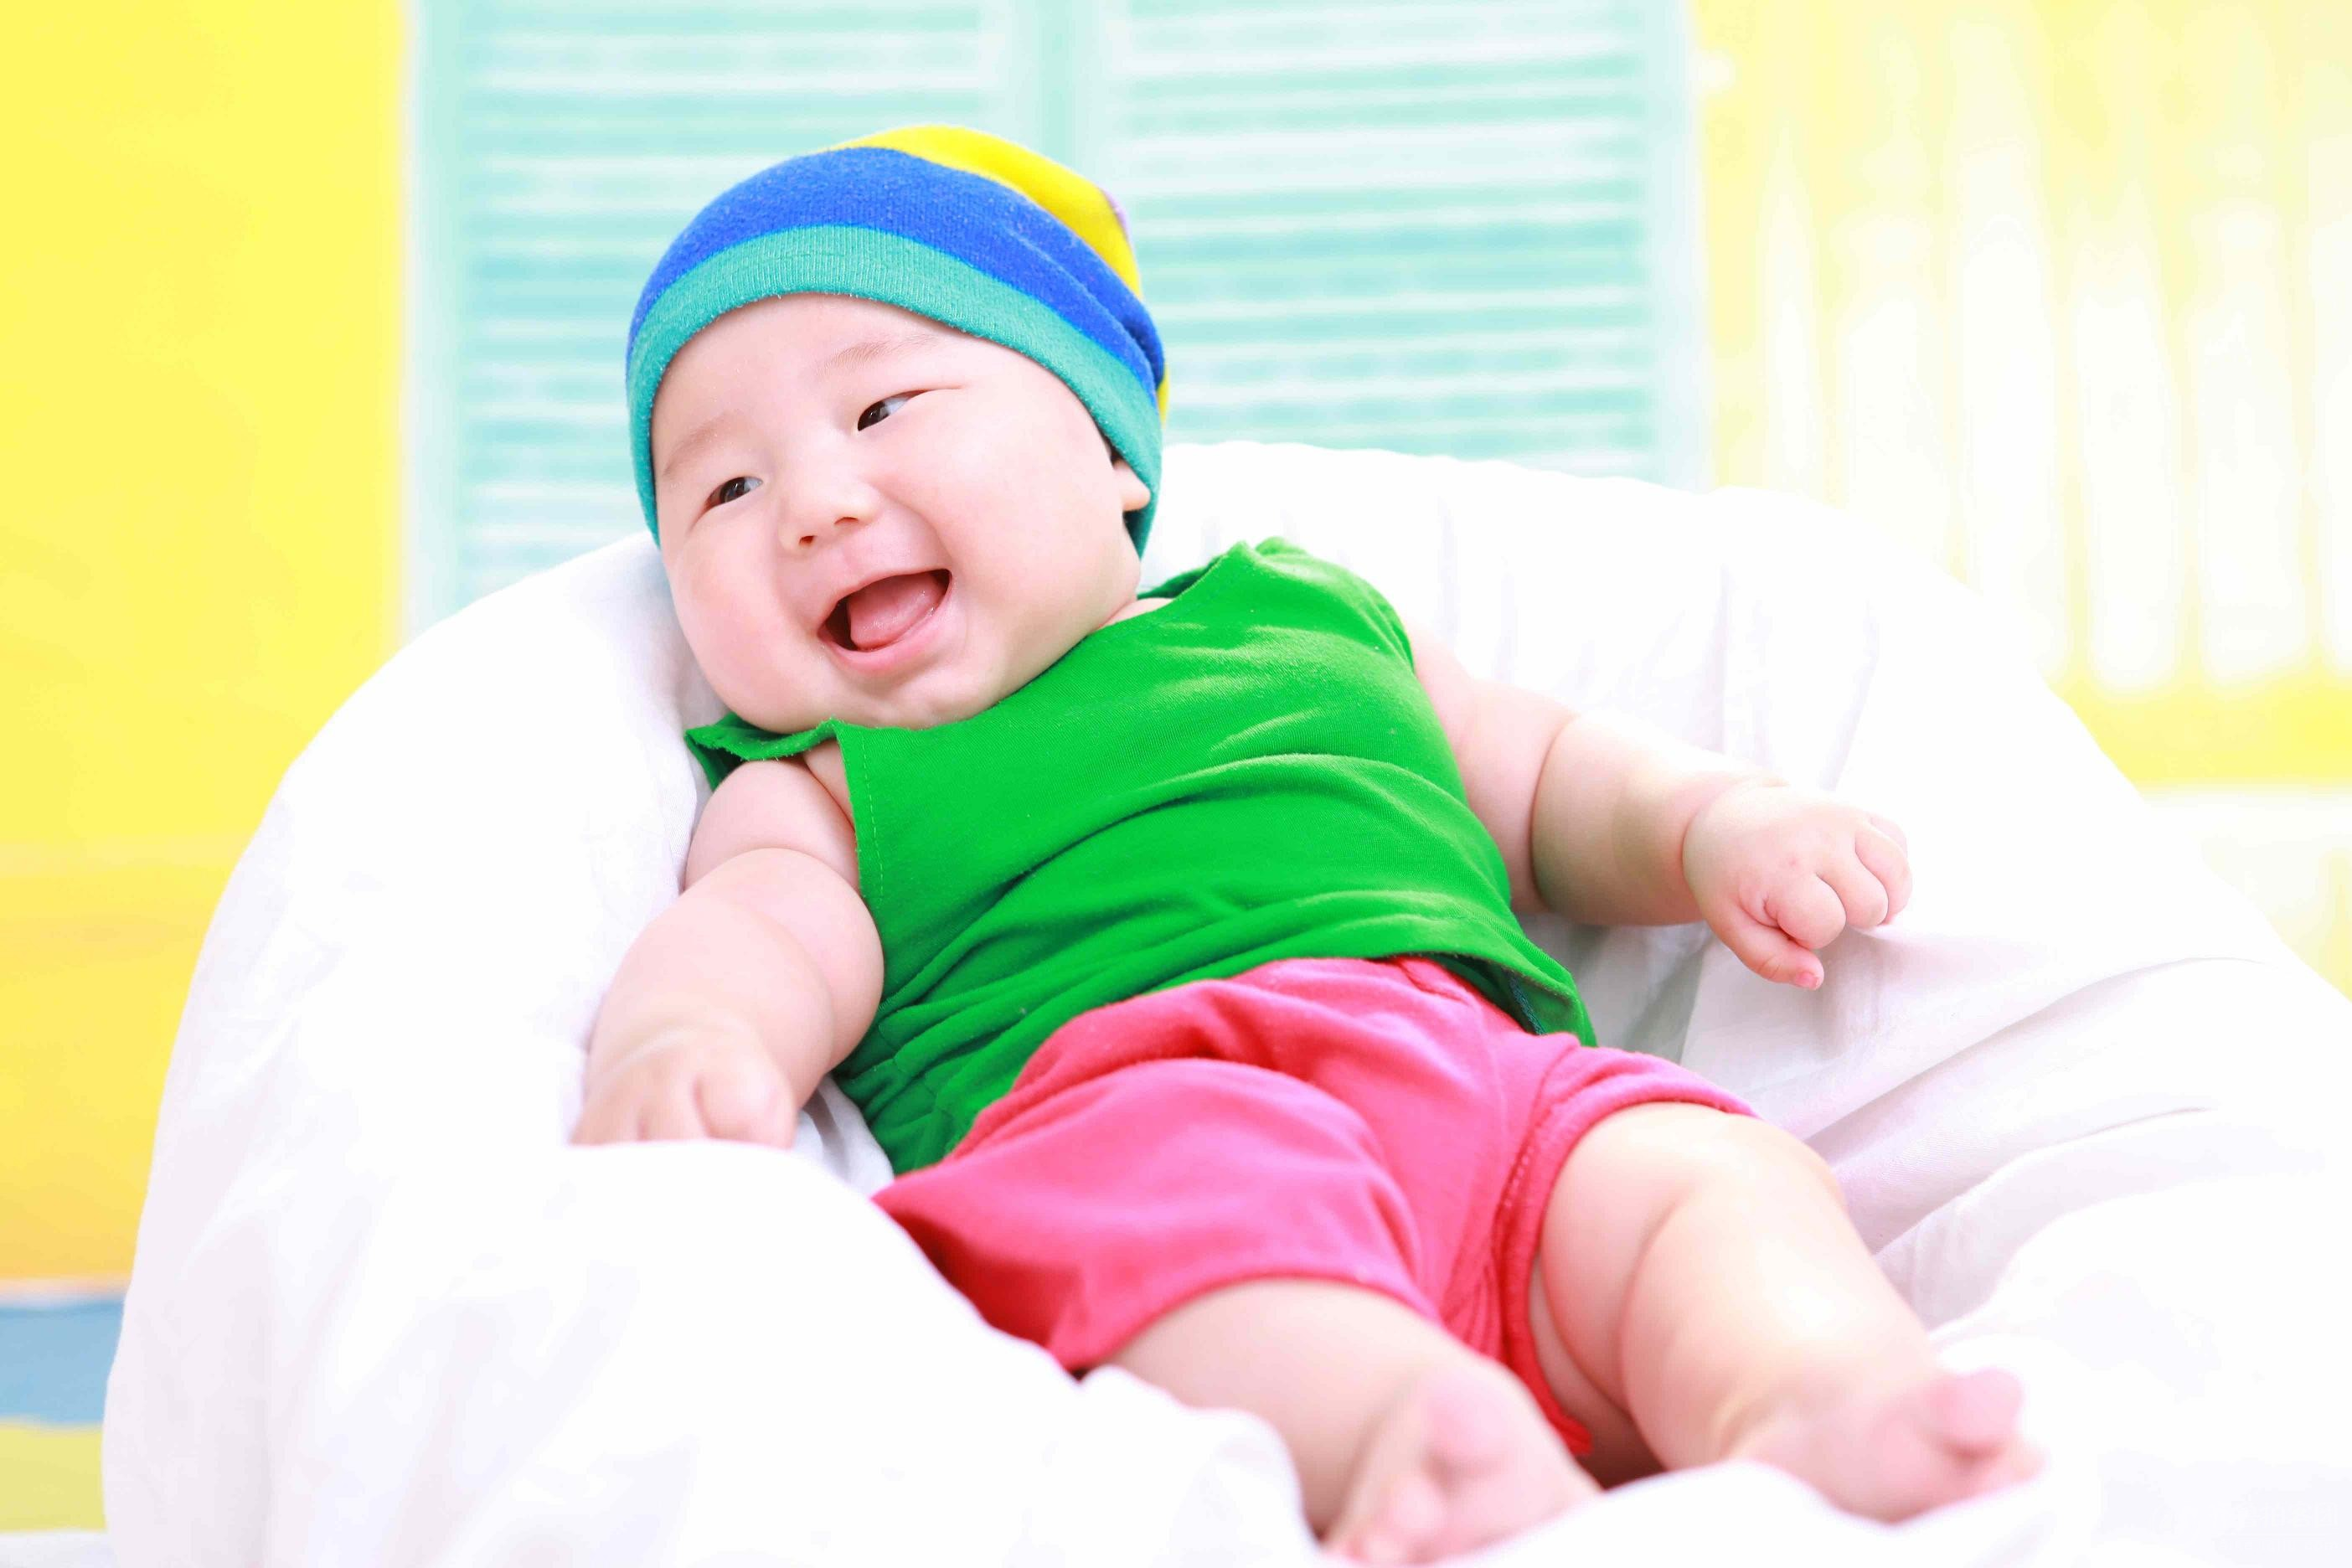 宝宝 壁纸 孩子 小孩 婴儿 2808_1872